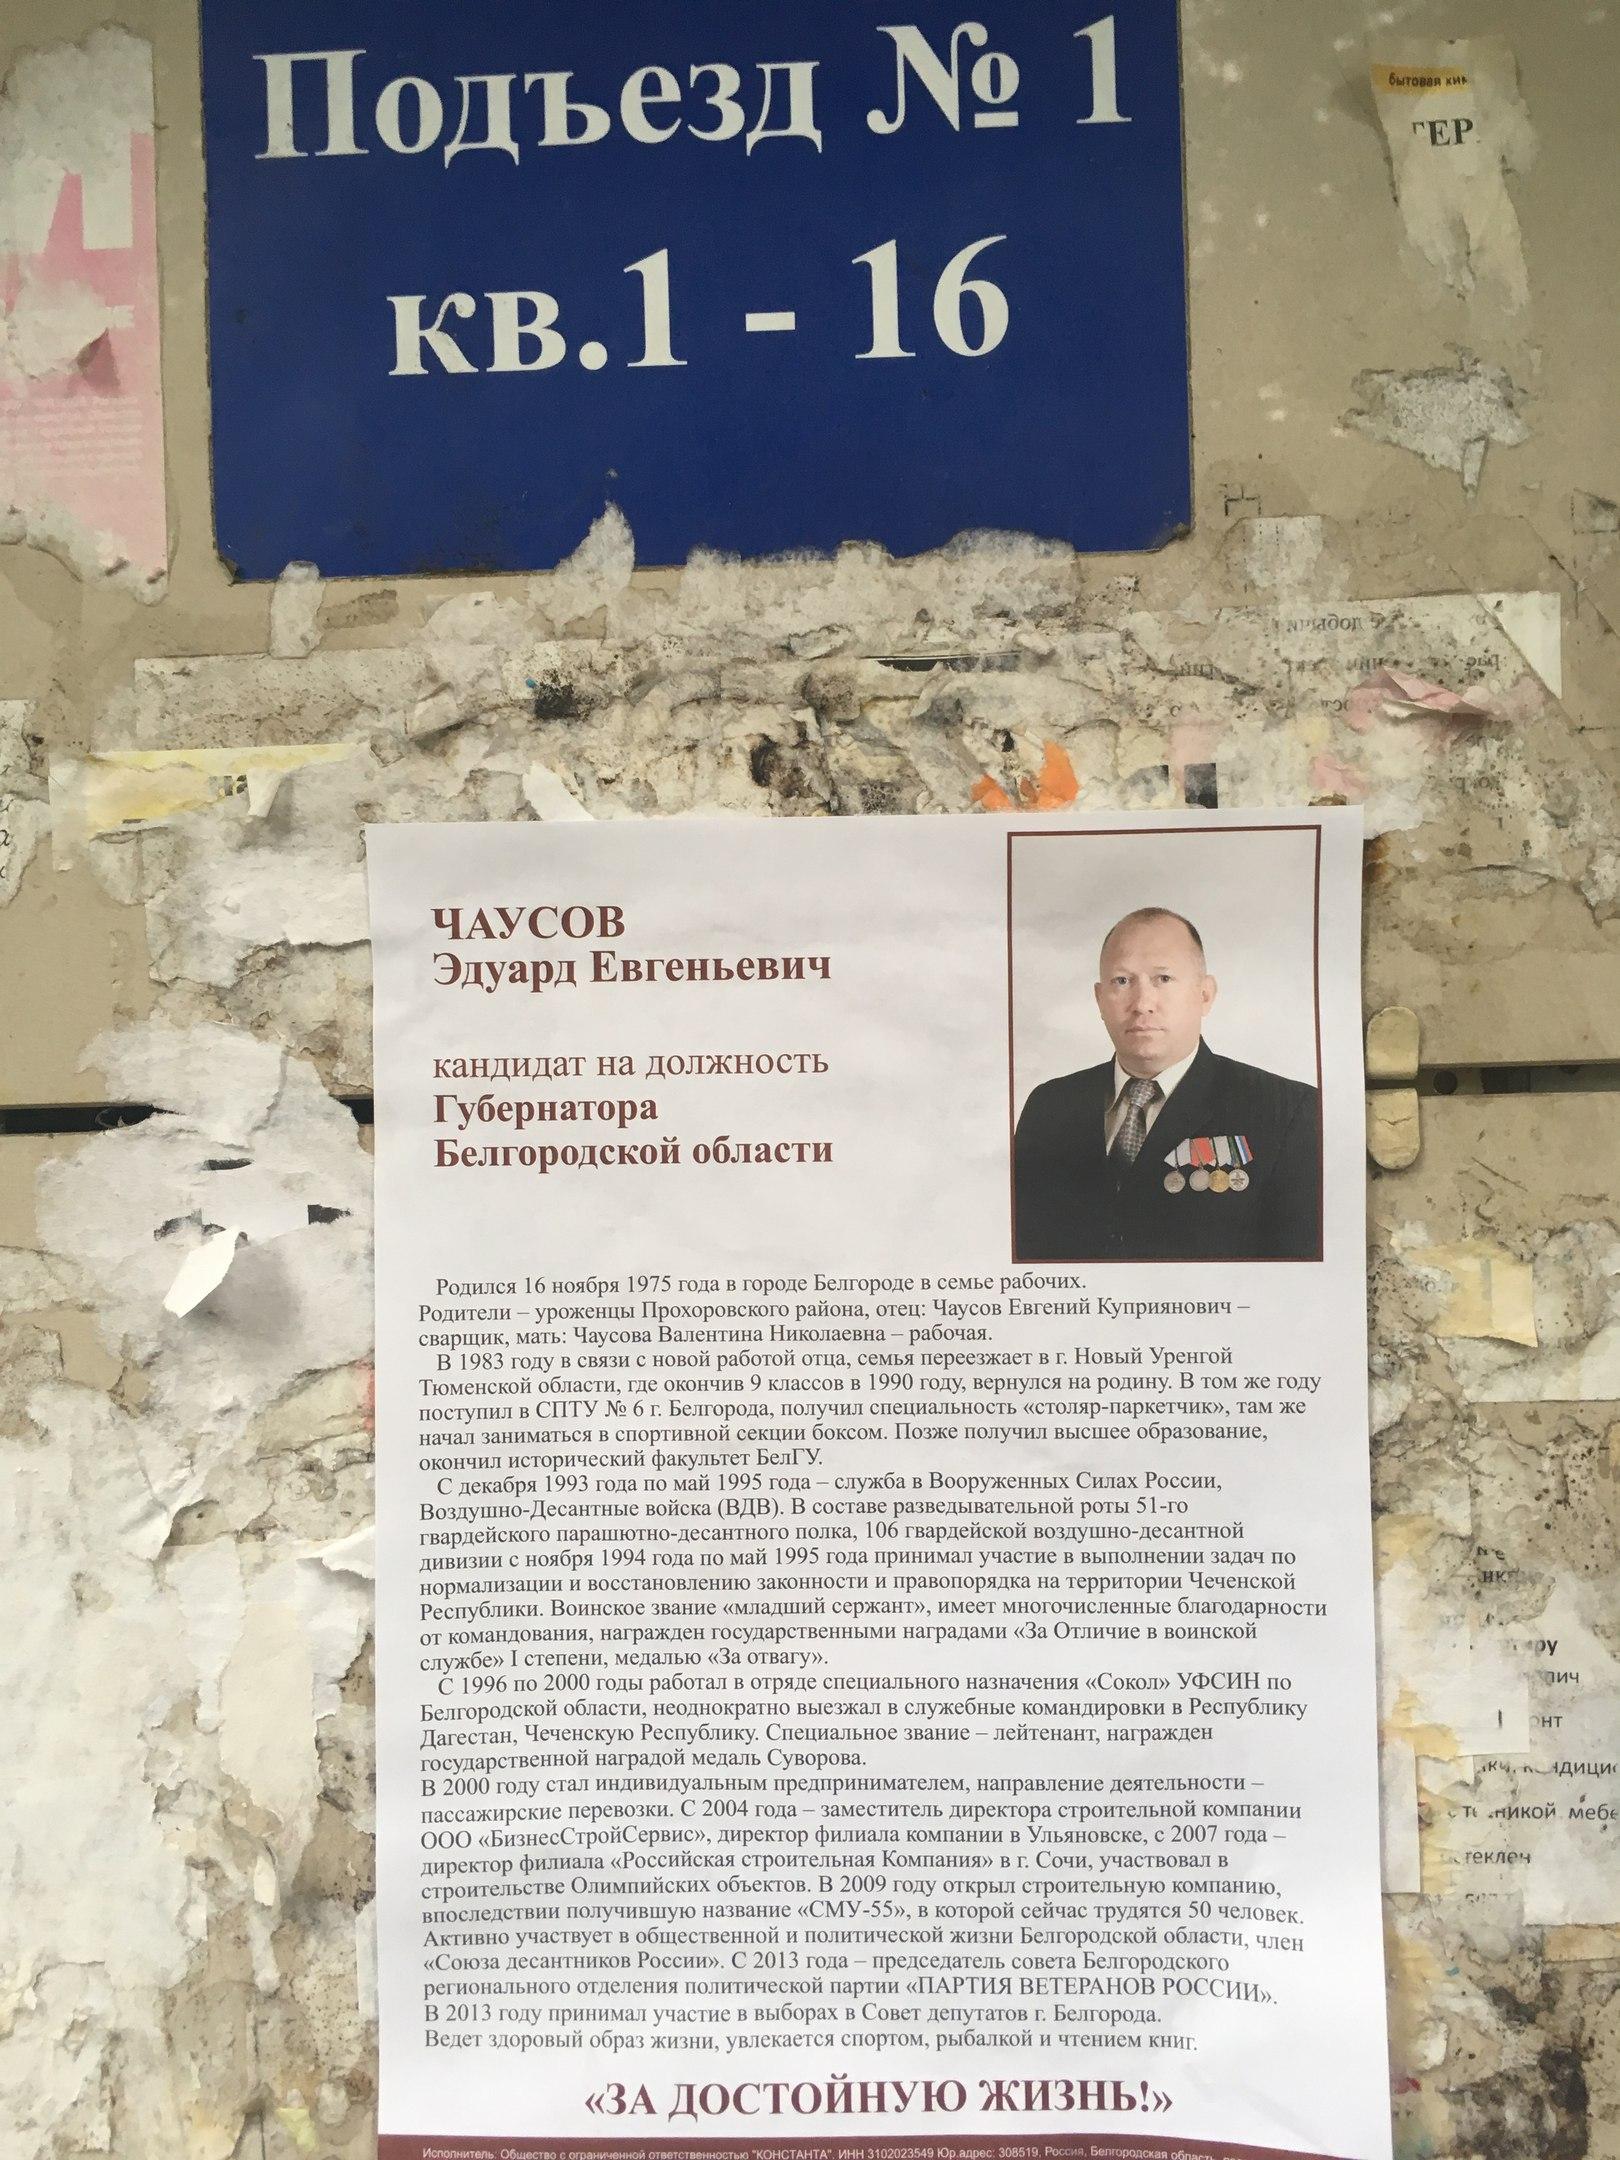 Белгородский общественный центр контроля за выборами заподозрил, что некоторые кандидаты в губернаторы не уважают чужое право собственности